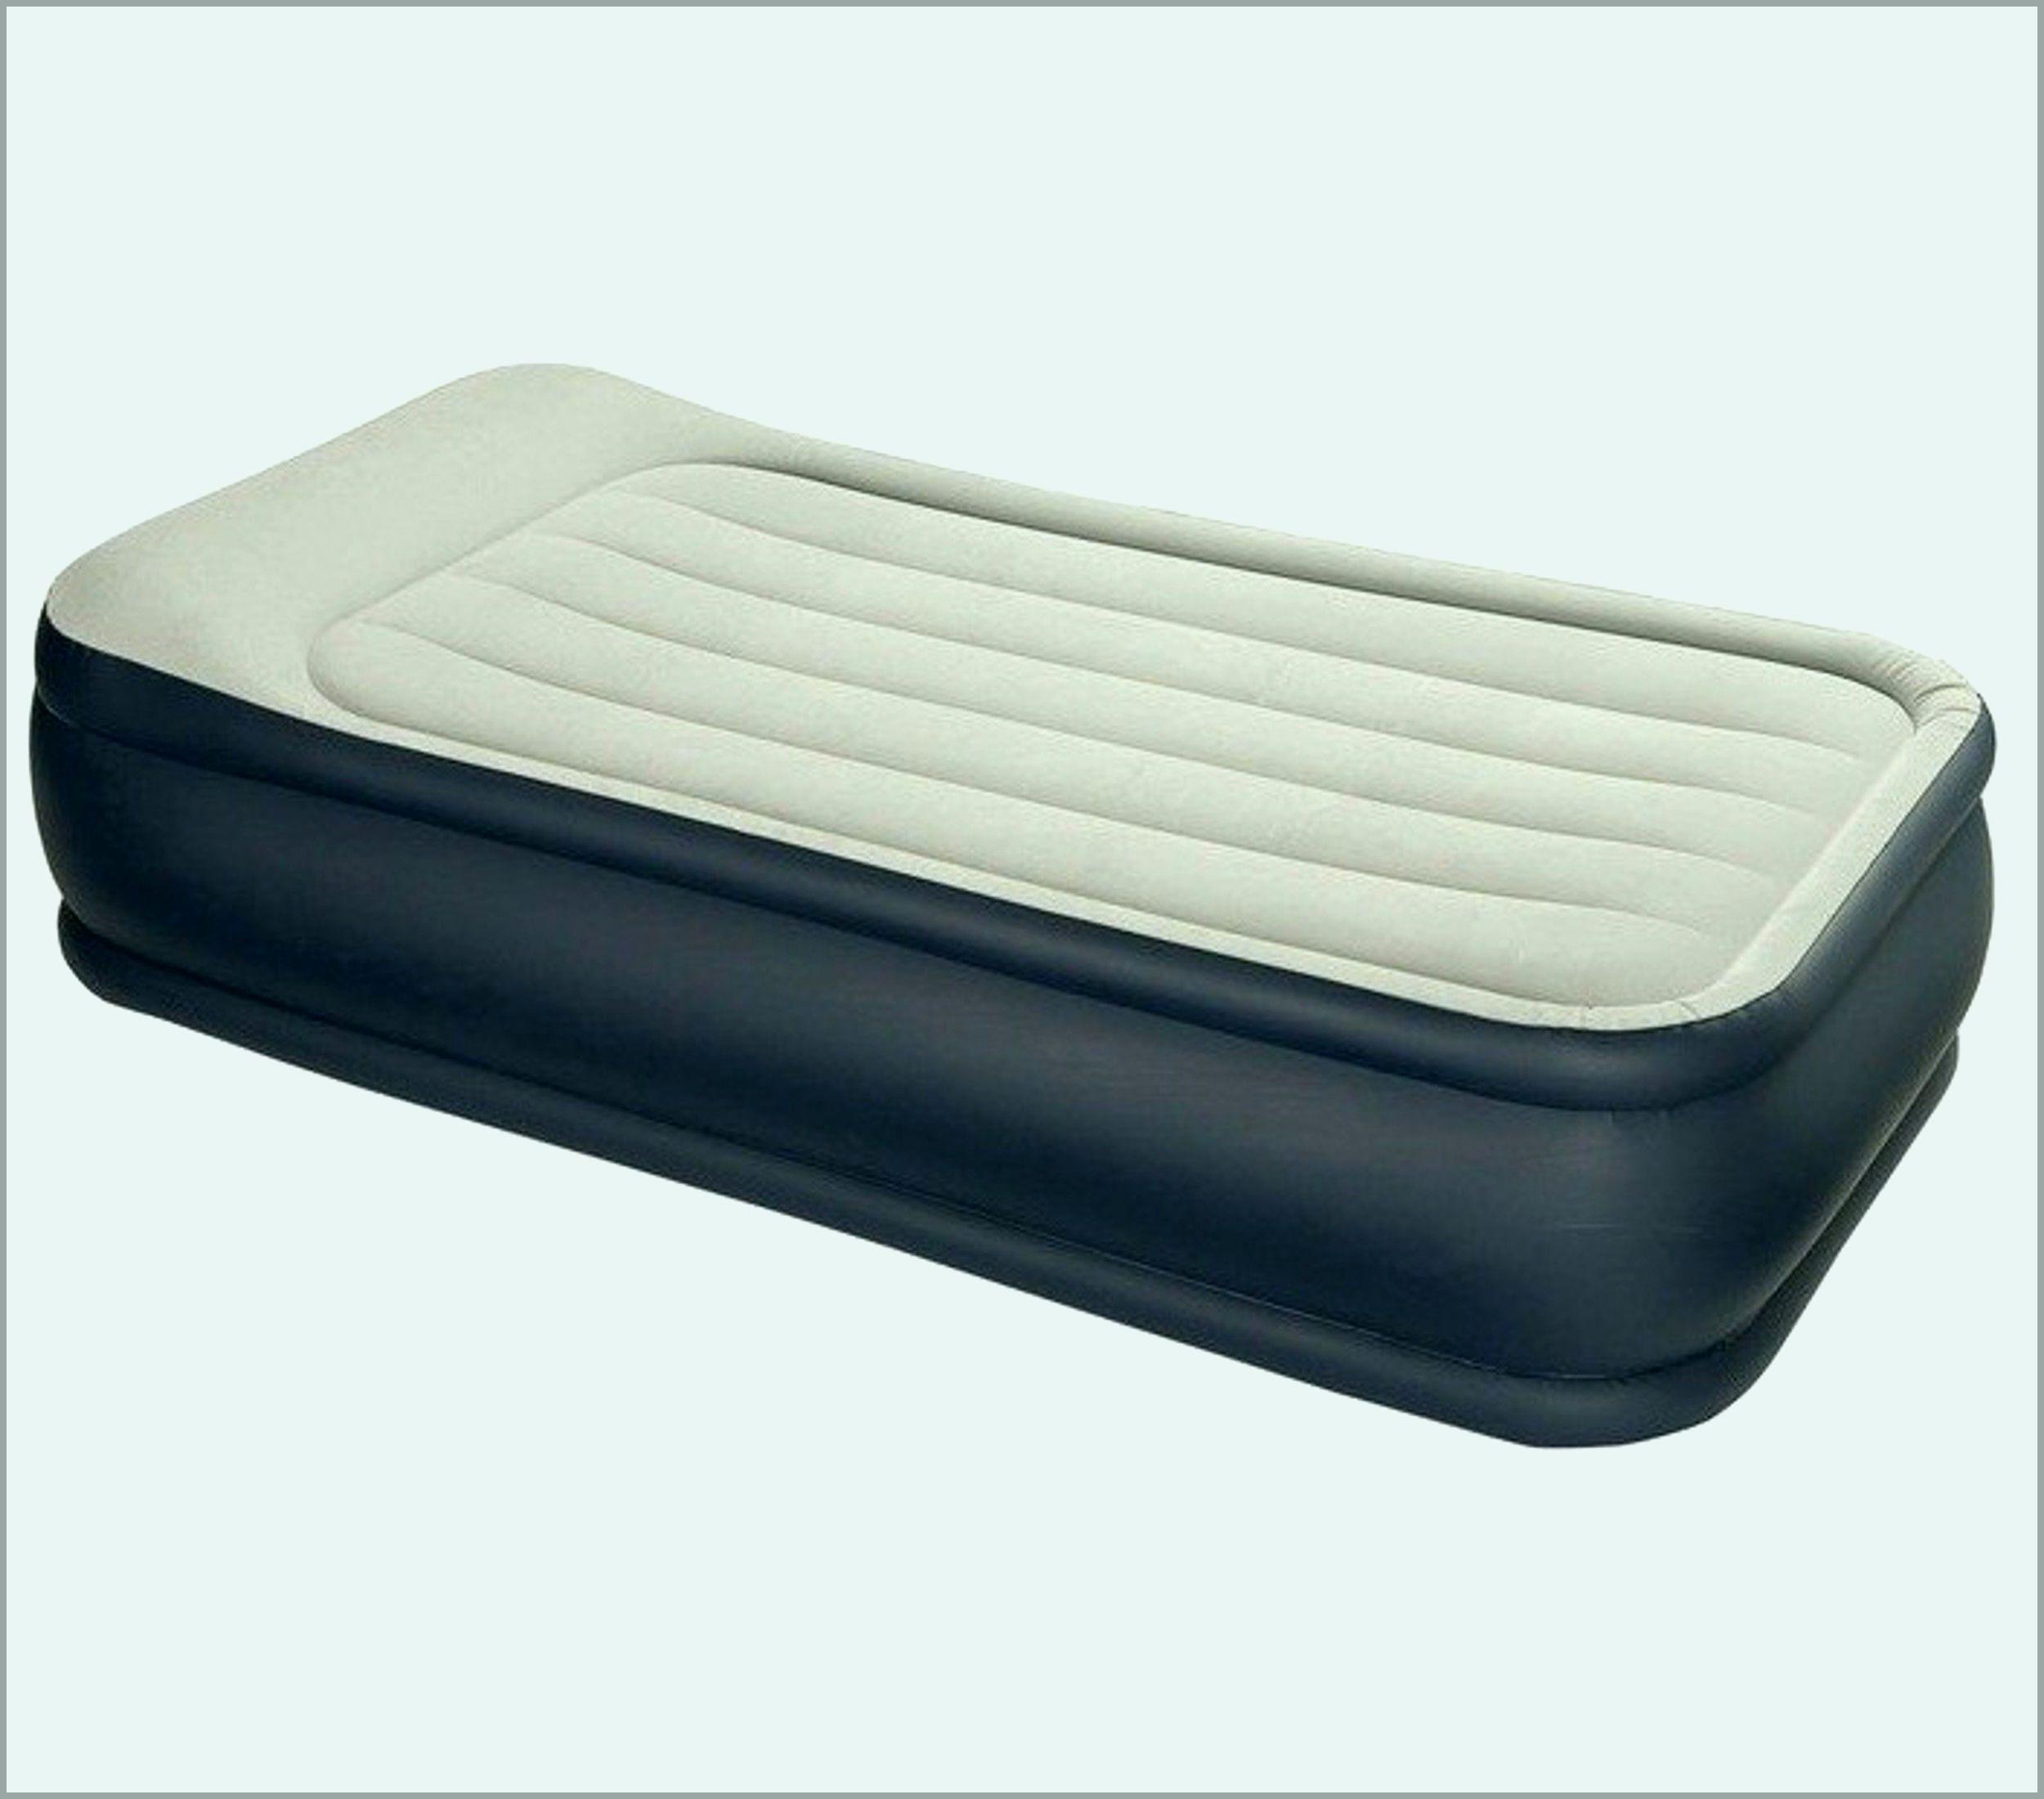 Lit 160×200 Avec Rangement Intégré Luxe Lit 160—200 Avec Rangement Intégré Génial Lit Avec Rangement Intégré